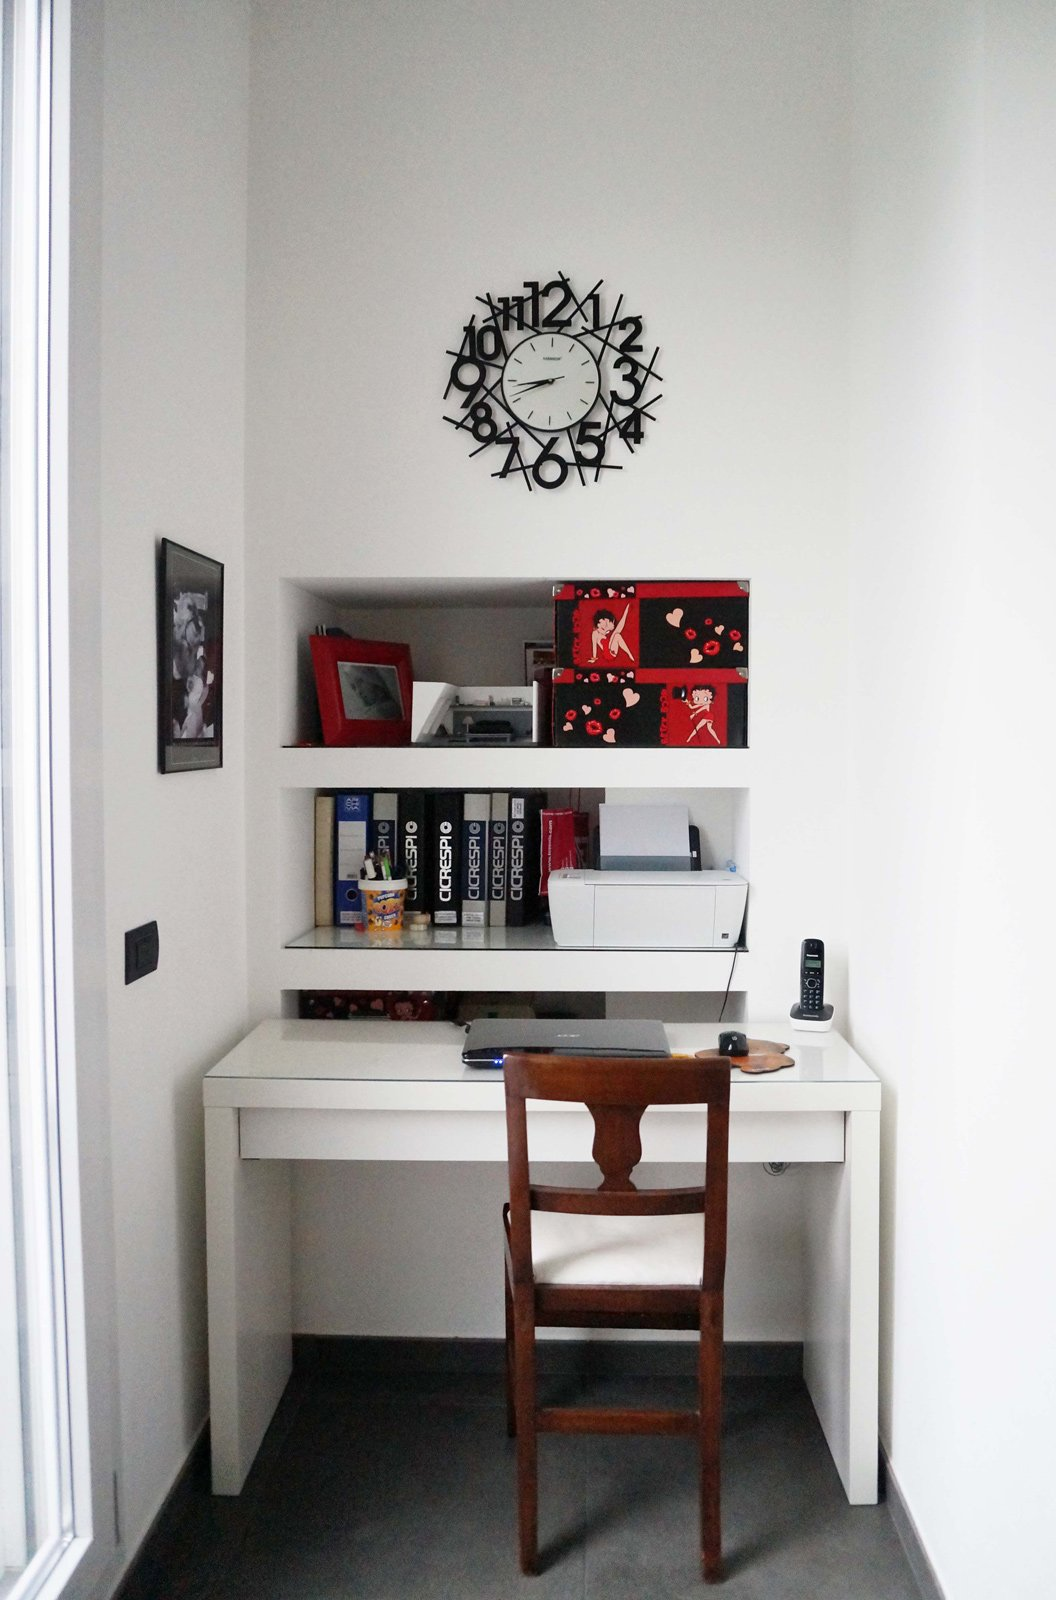 120 mq una casa riportata a nuova vita cose di casa - Studio in casa arredamento ...